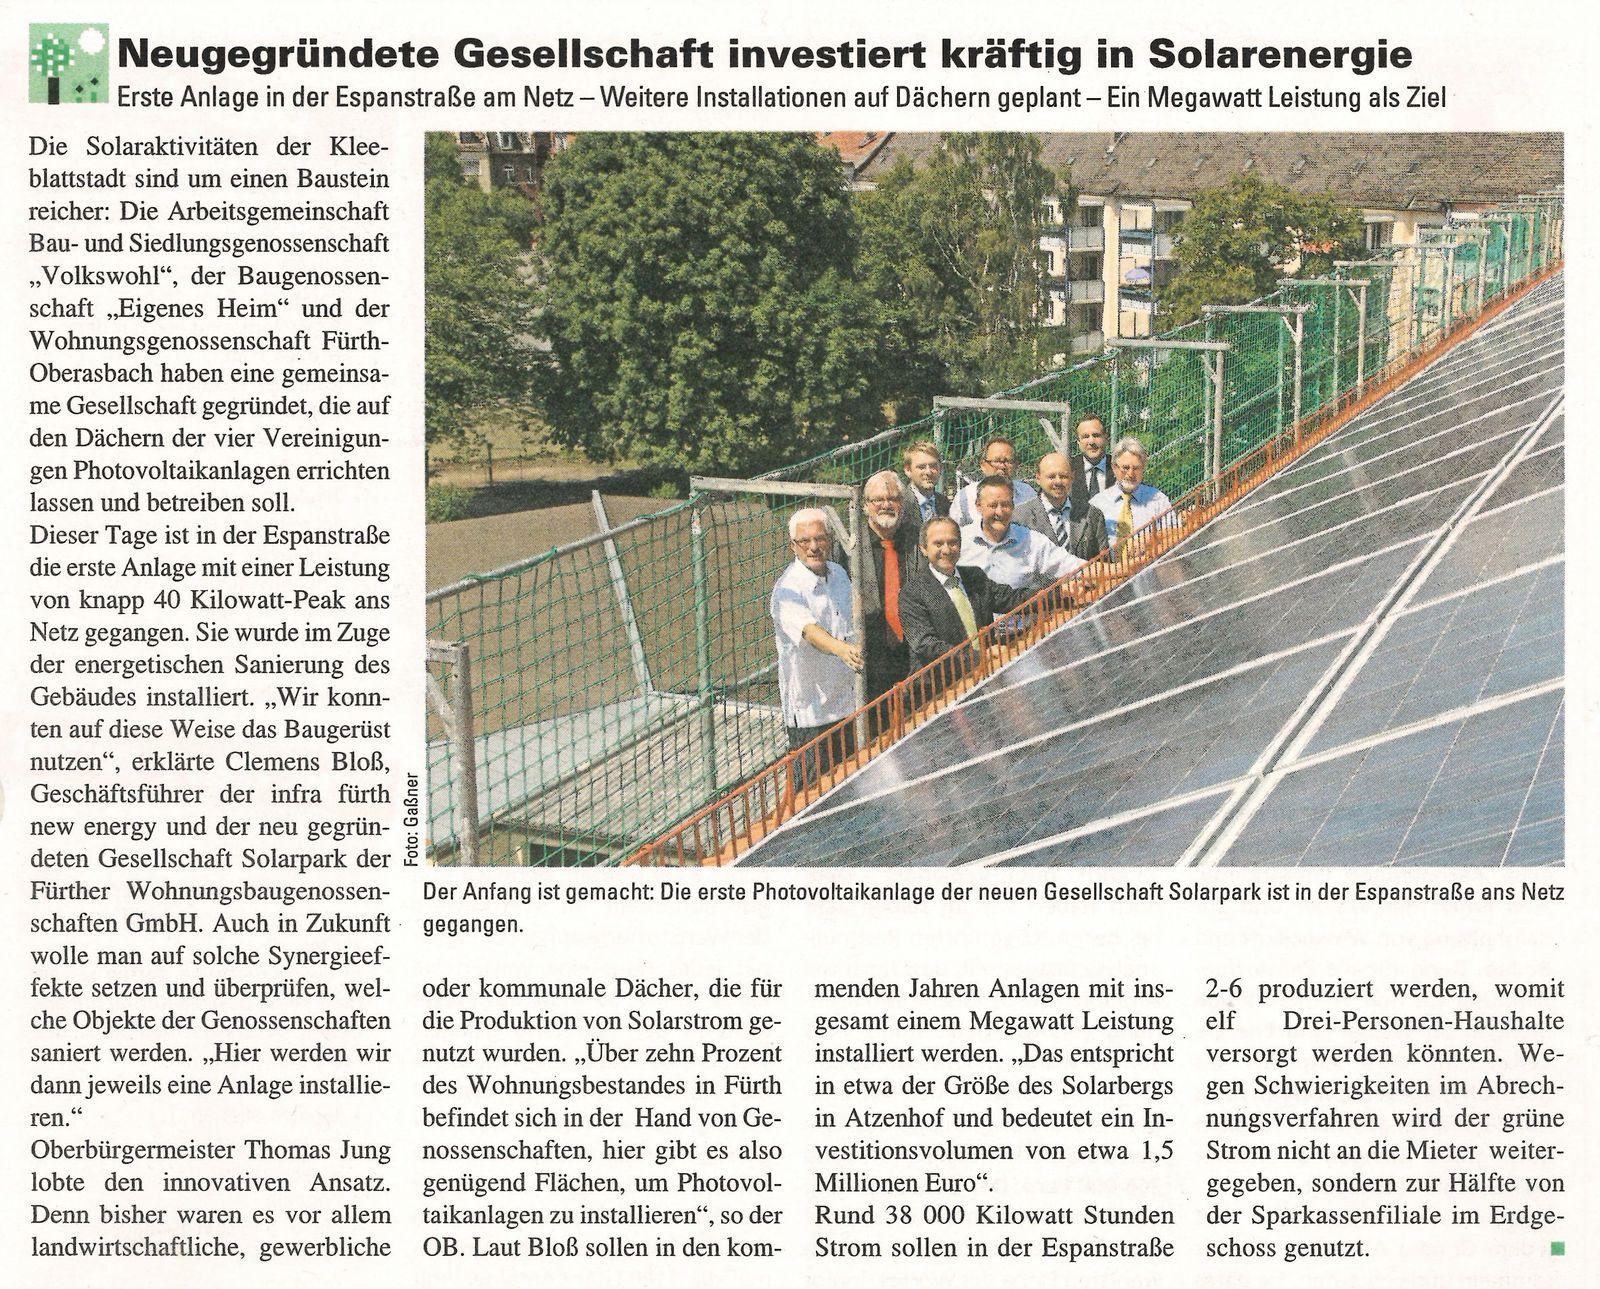 Neugegründete Gesellschaft investiert kräftig in Solarenergie …